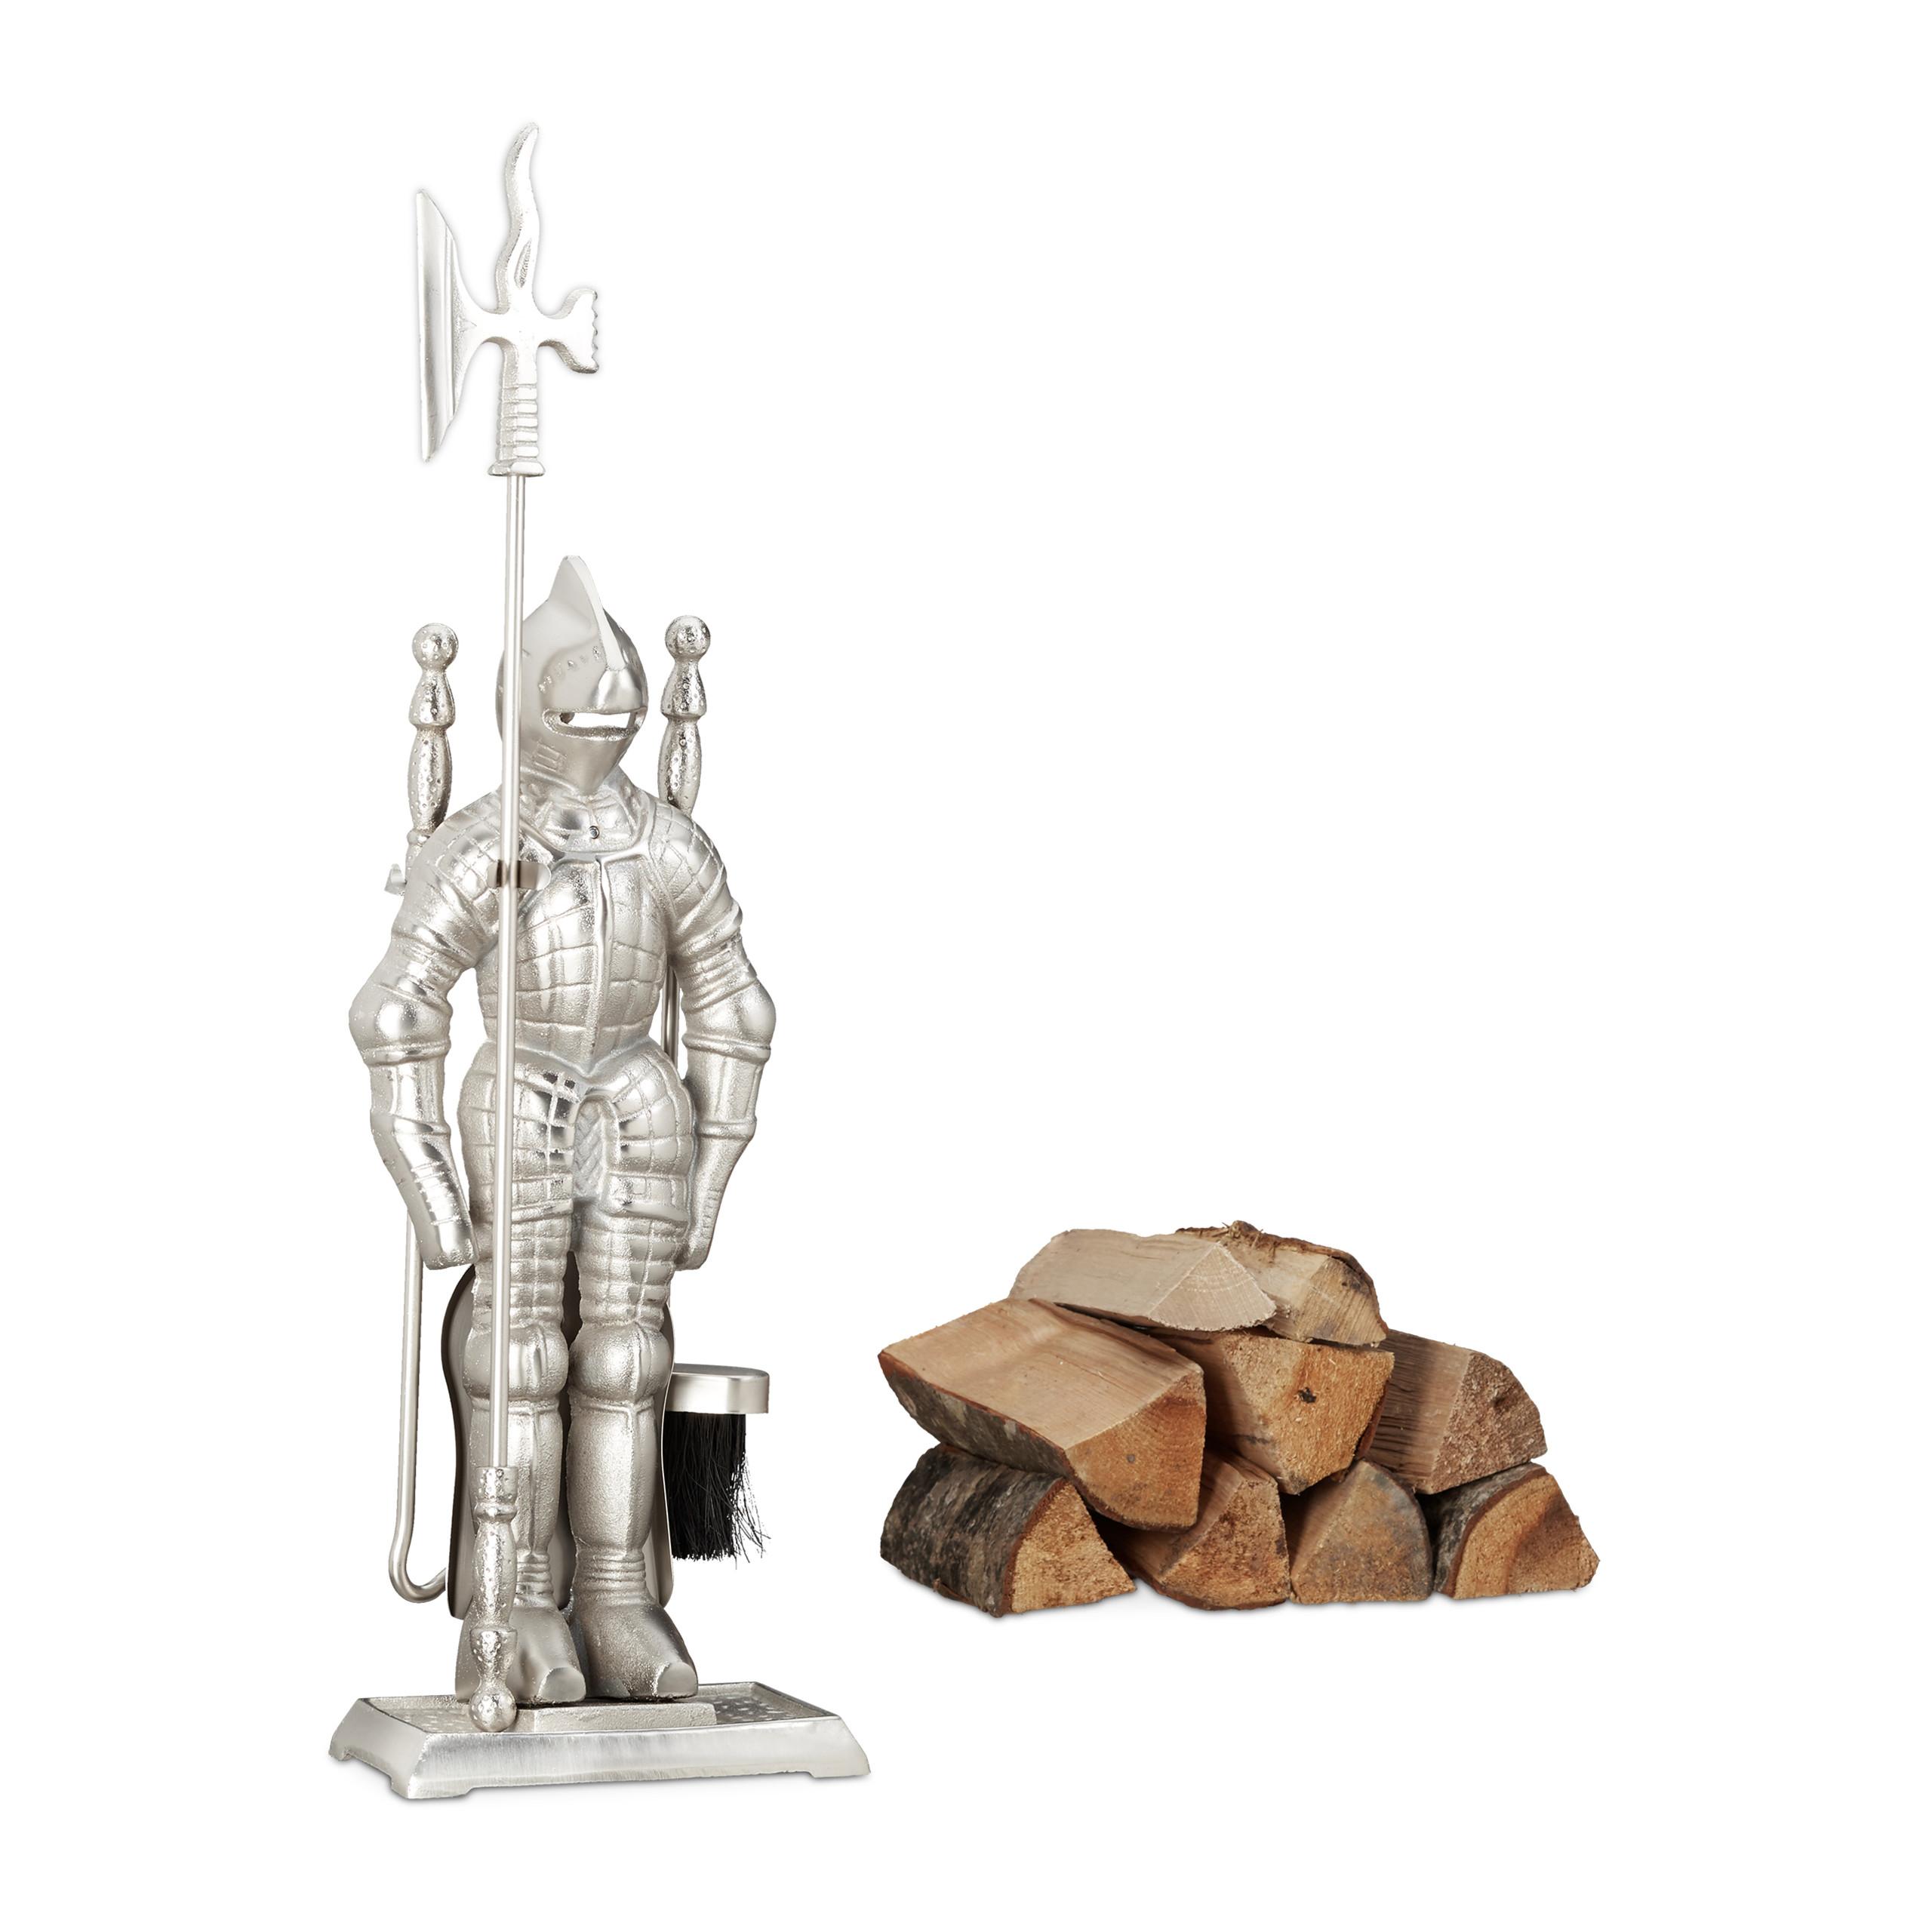 Détails sur Ensemble serviteur de cheminée 4 pièces accessoire chevalier  fonte moderne